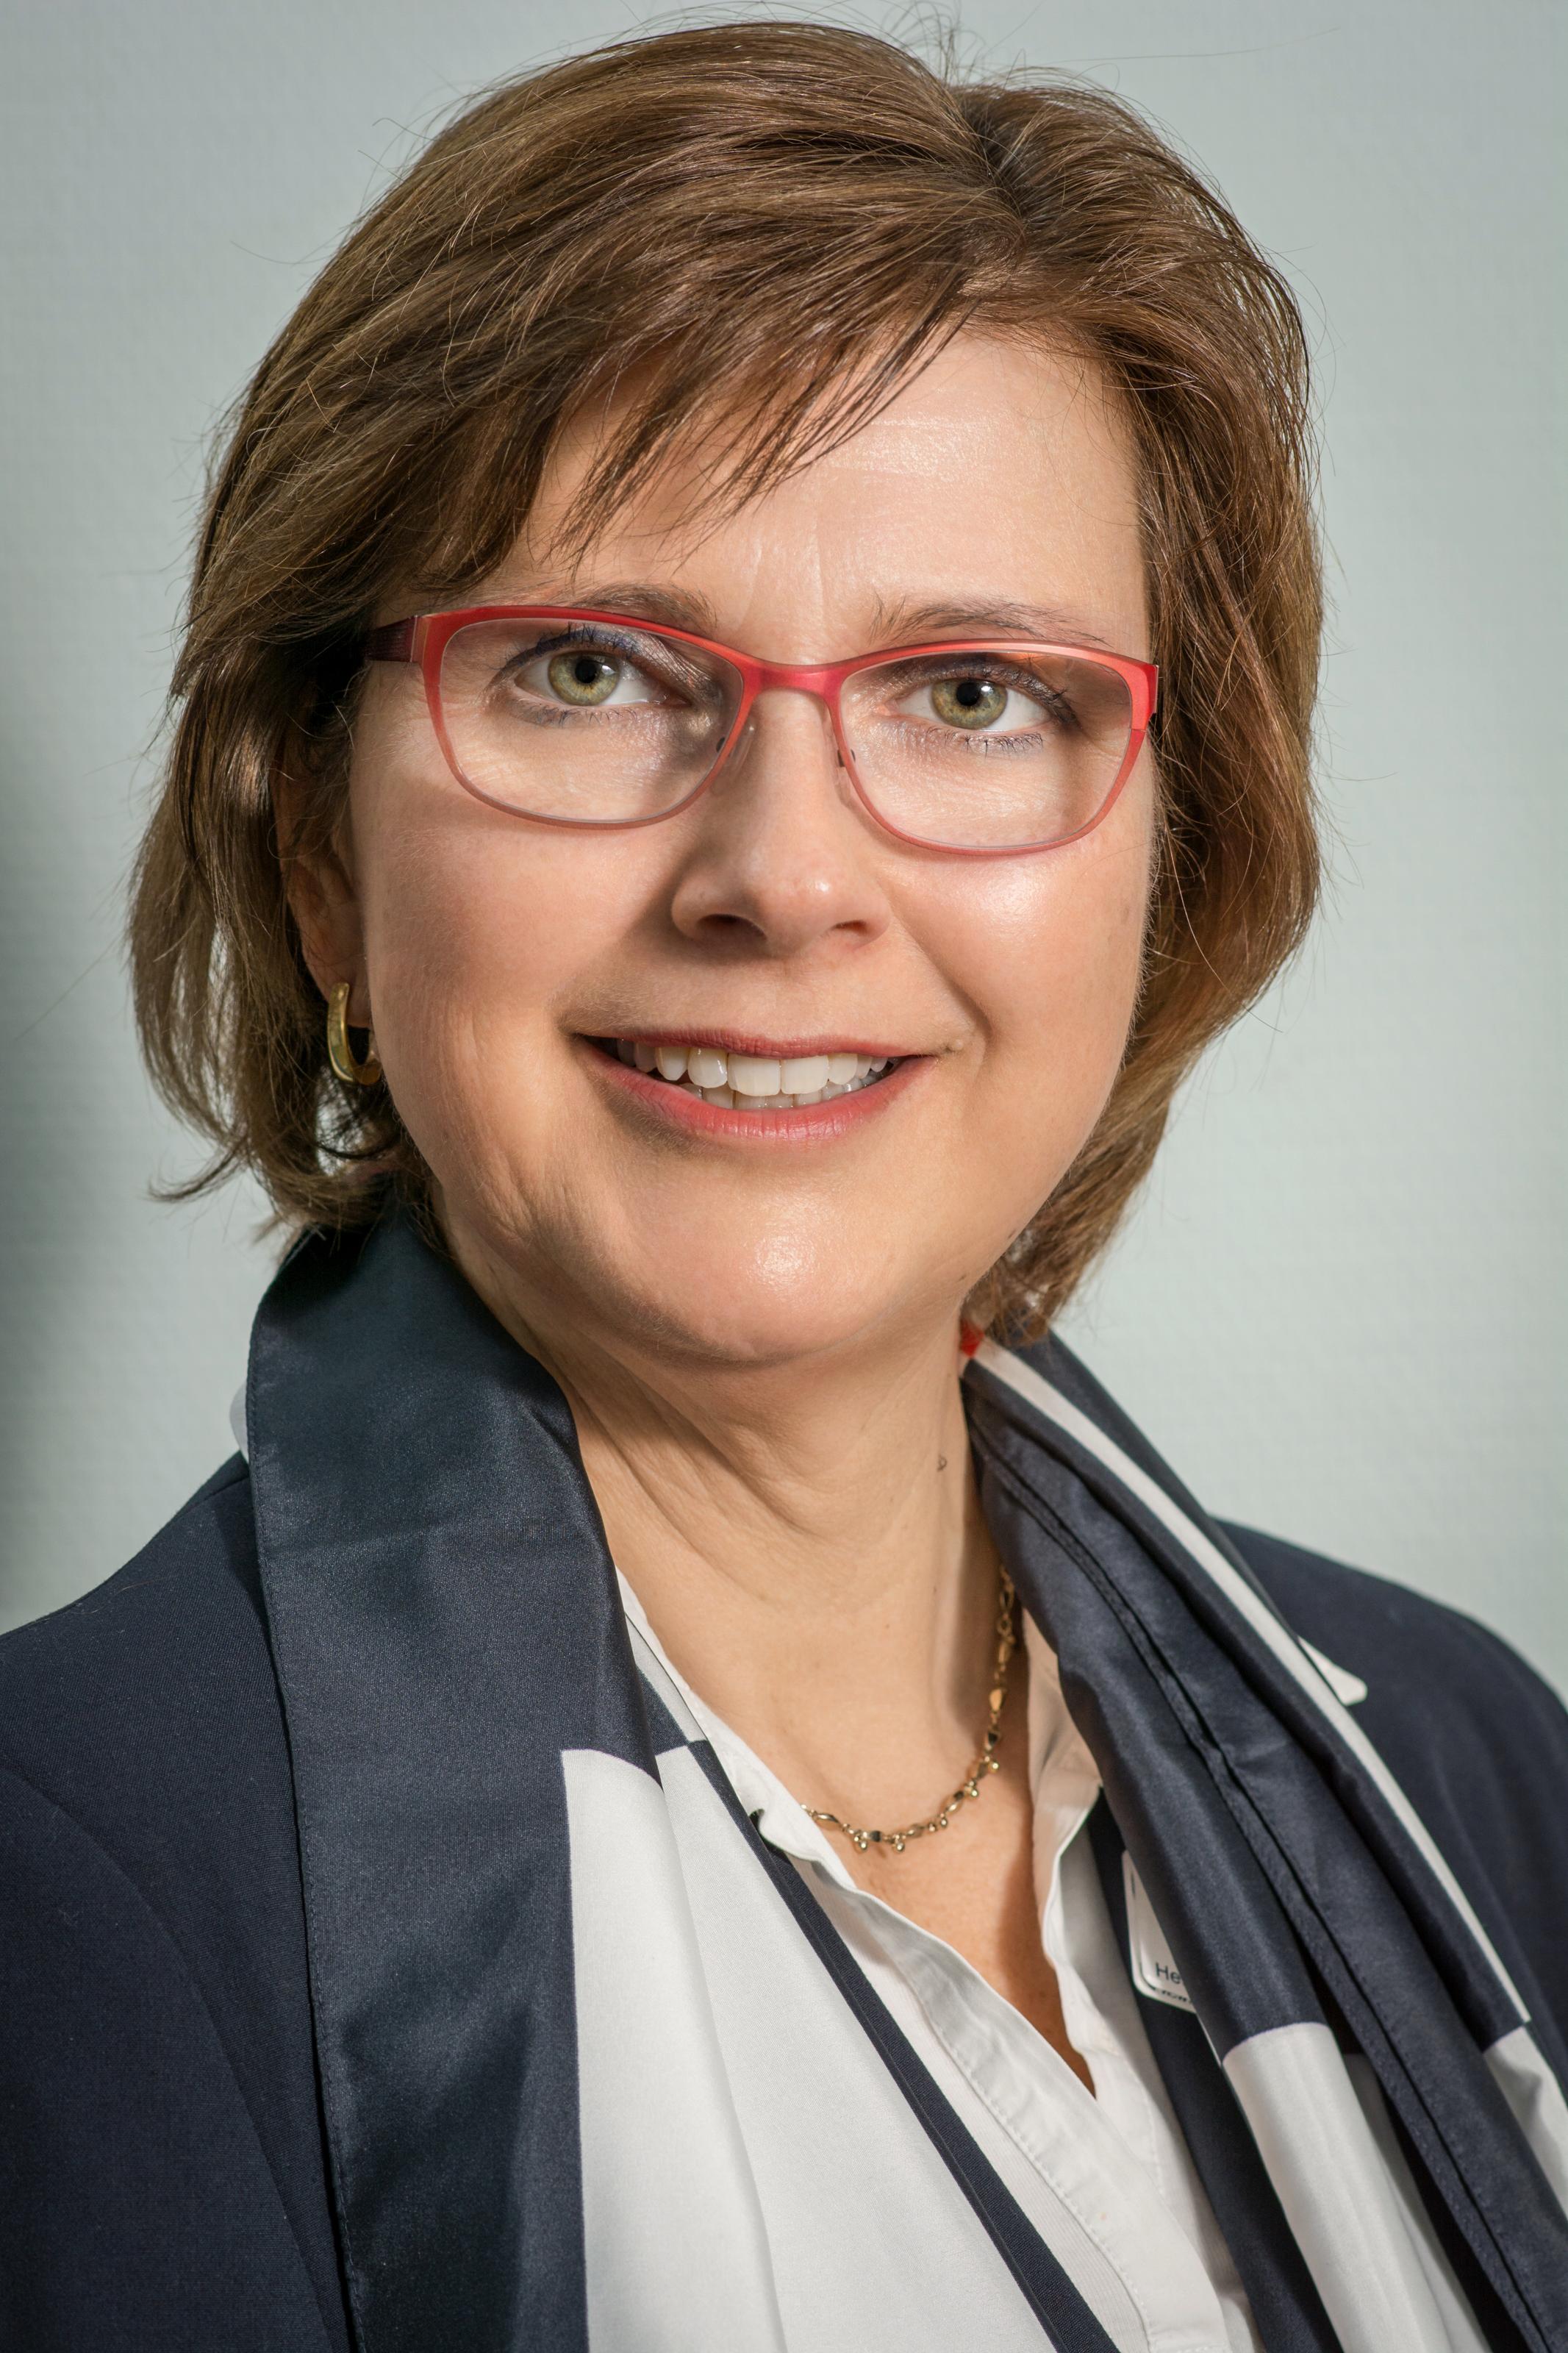 Christine Krüger ist nicht nur stellvertretende Oberin, sie ist auch Heimleitung unseres Alten- und Pflegeheimes.